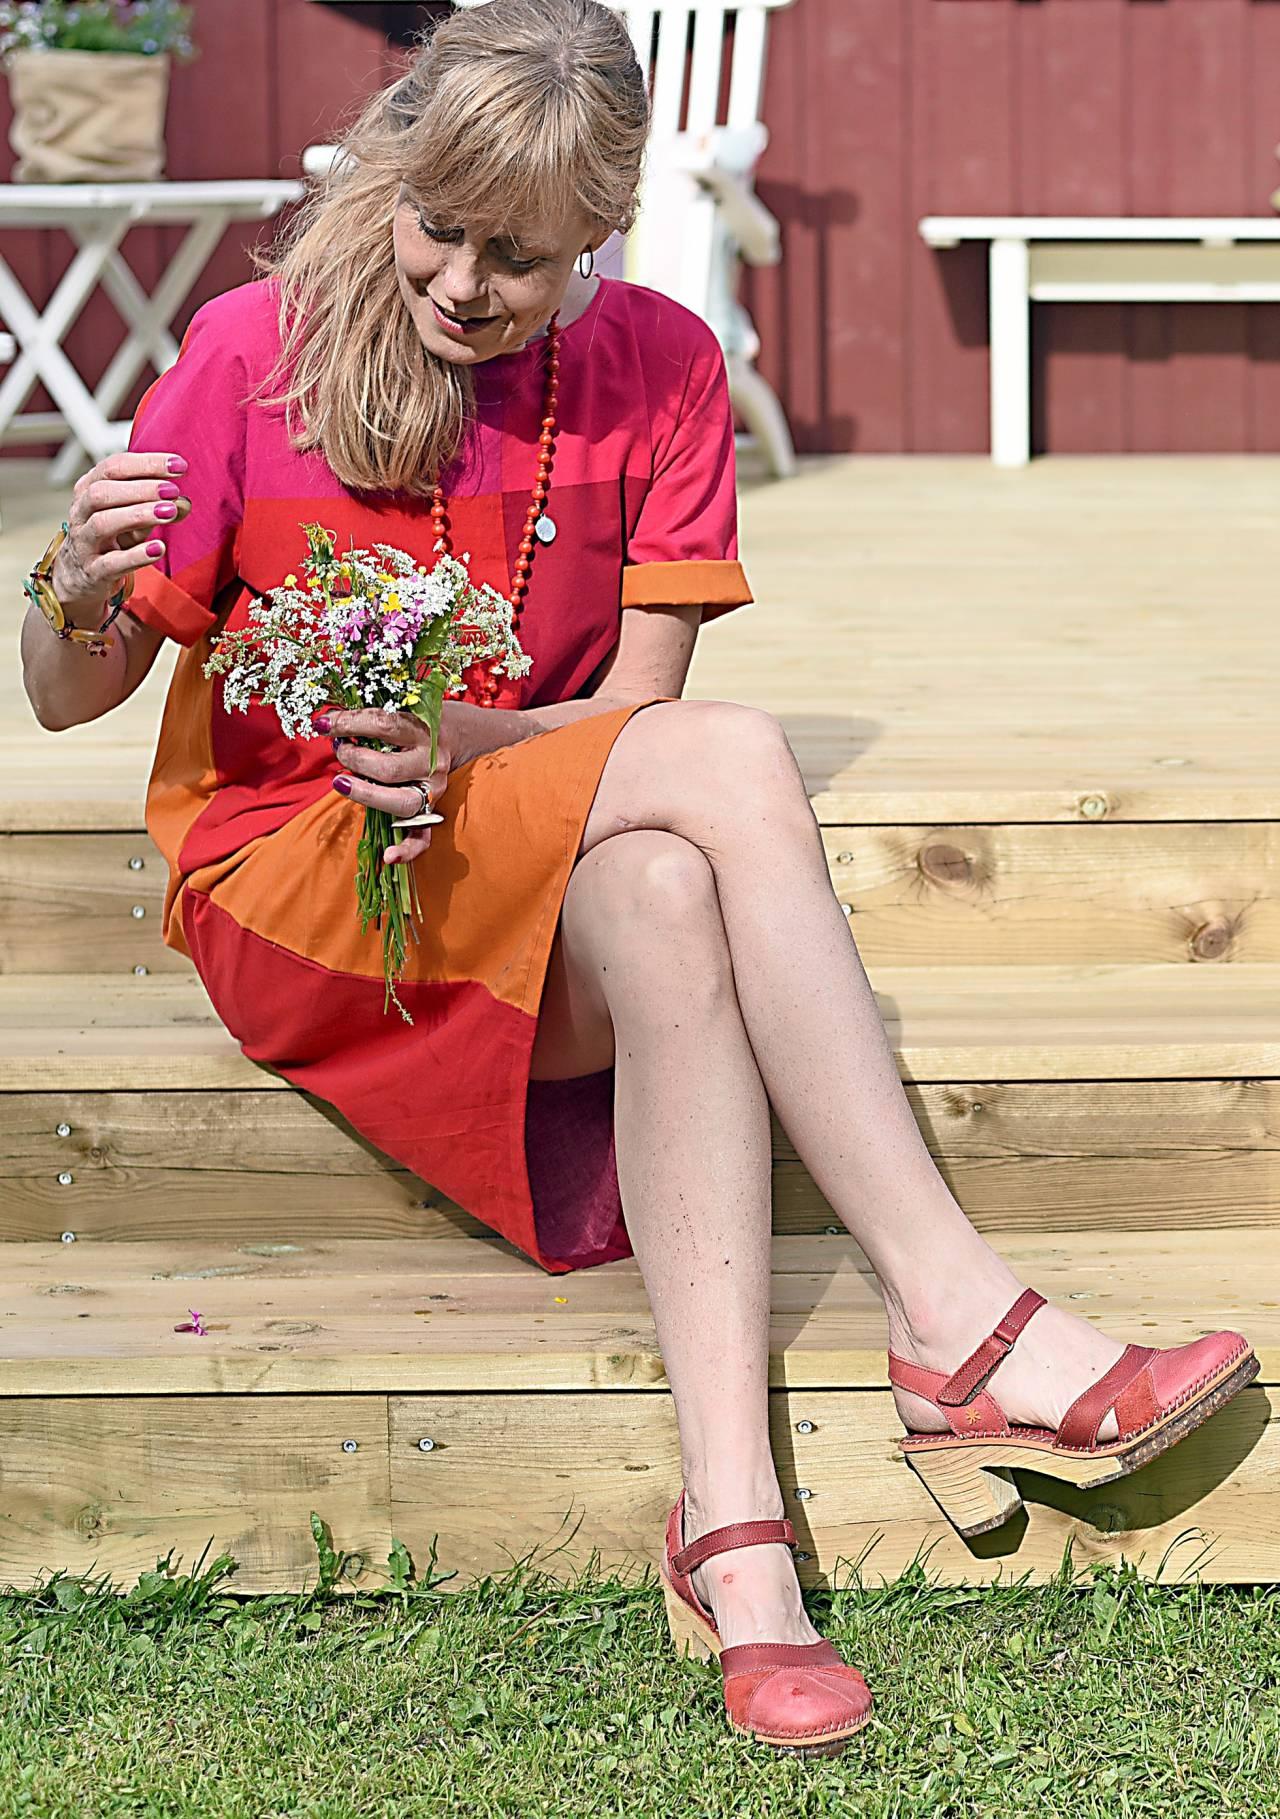 Ann-Sofie, som vill uppmuntra oss att återbruka mer kläder, visar upp en klänning som hon sytt av ett påslakan.